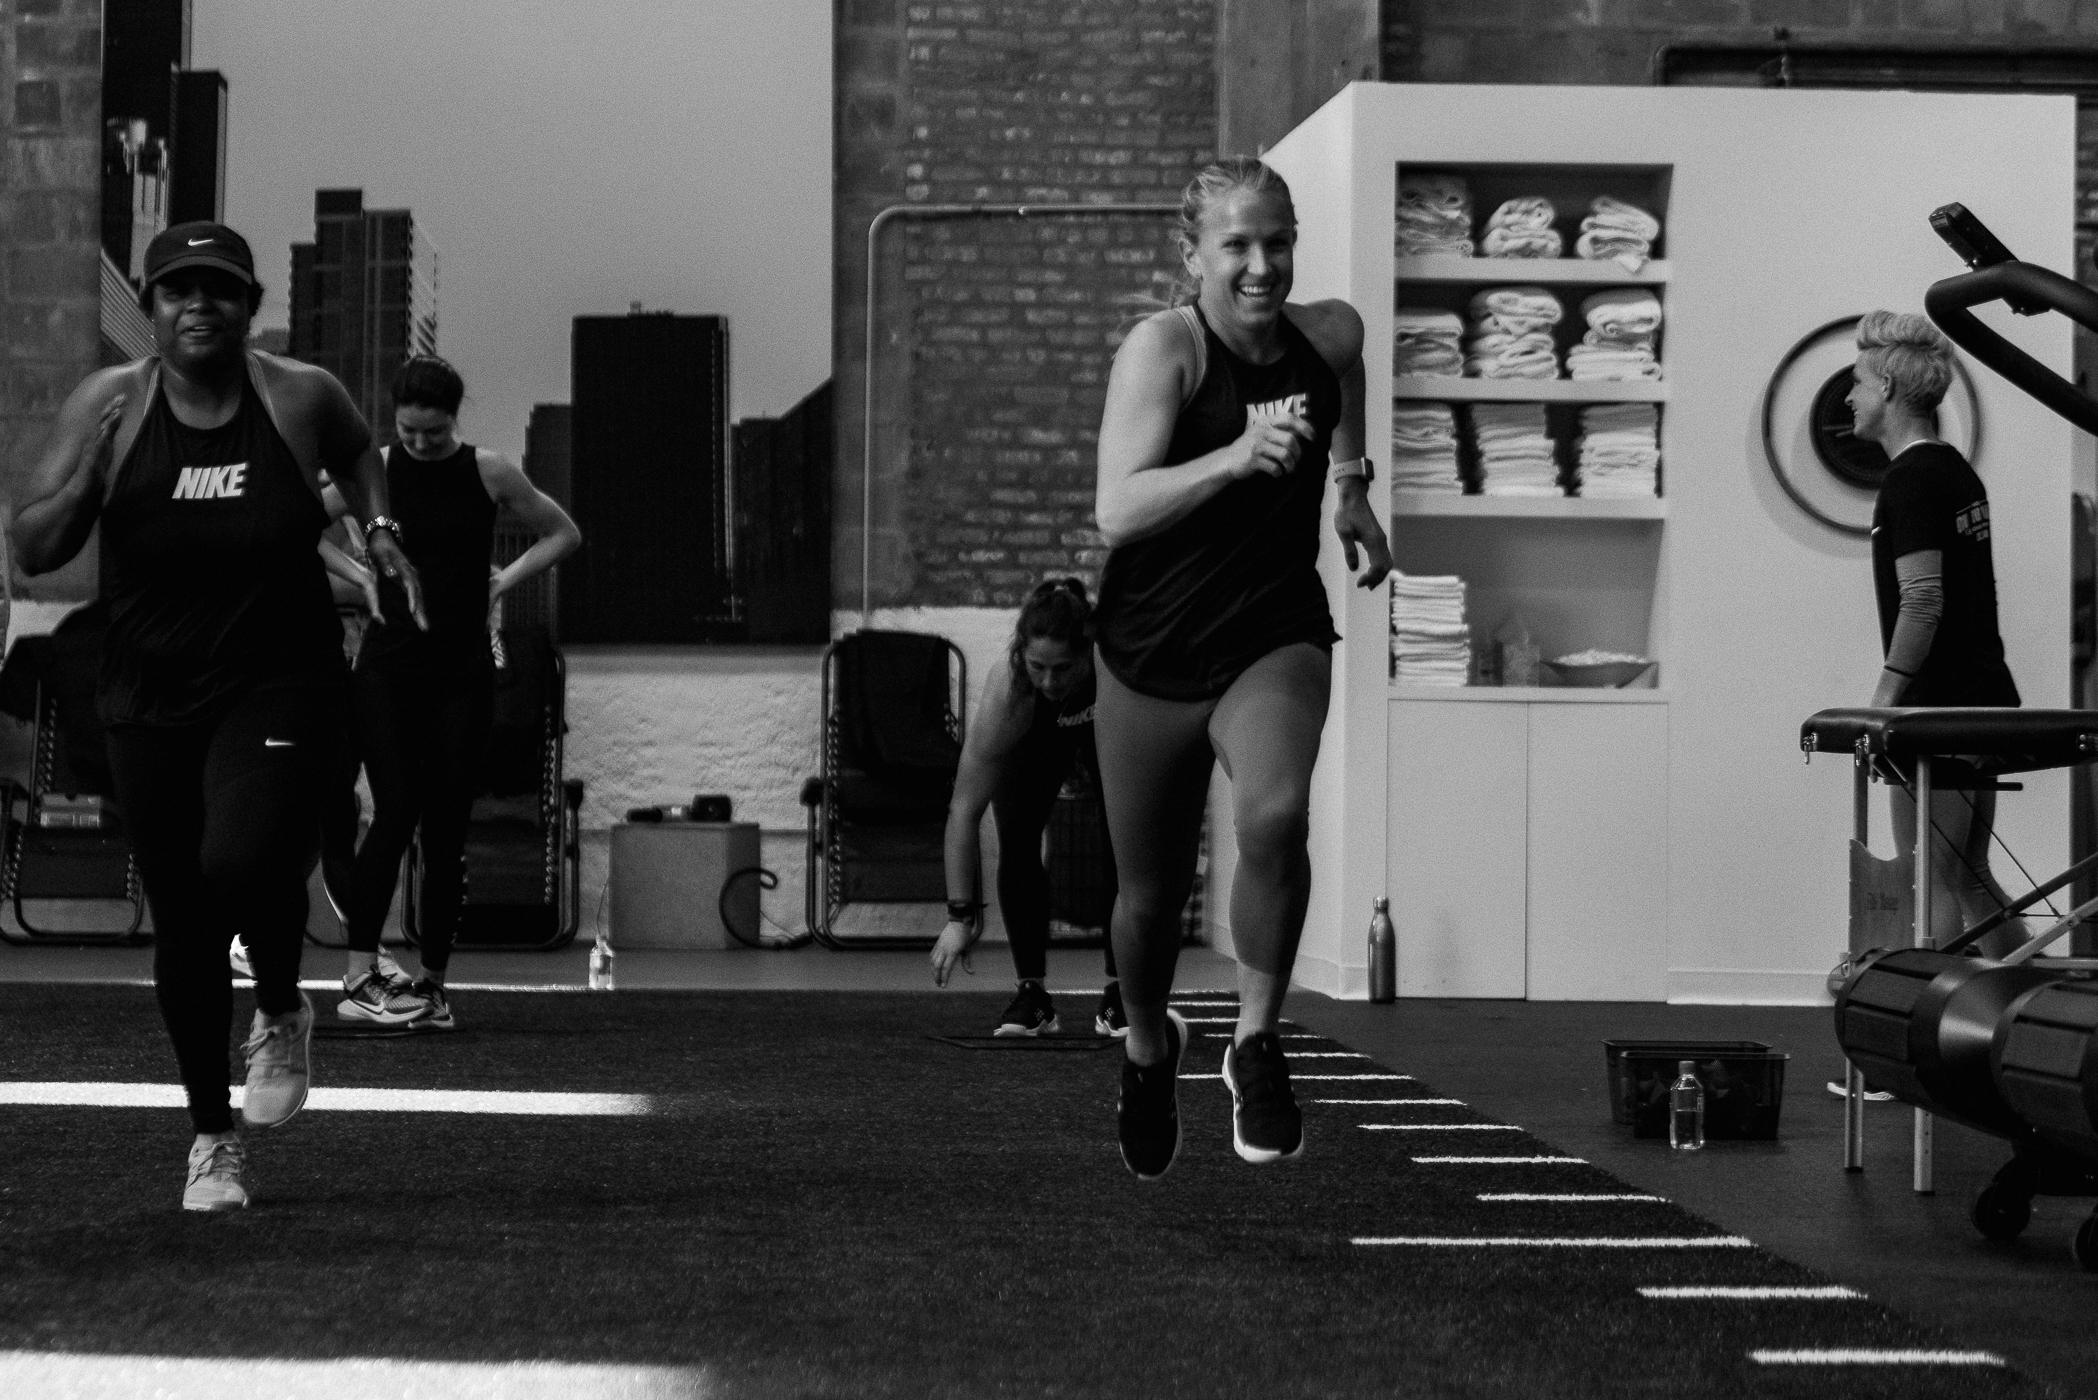 Zoe_Rain_Nike_Training_04_22-_DSC8190 copy.jpg